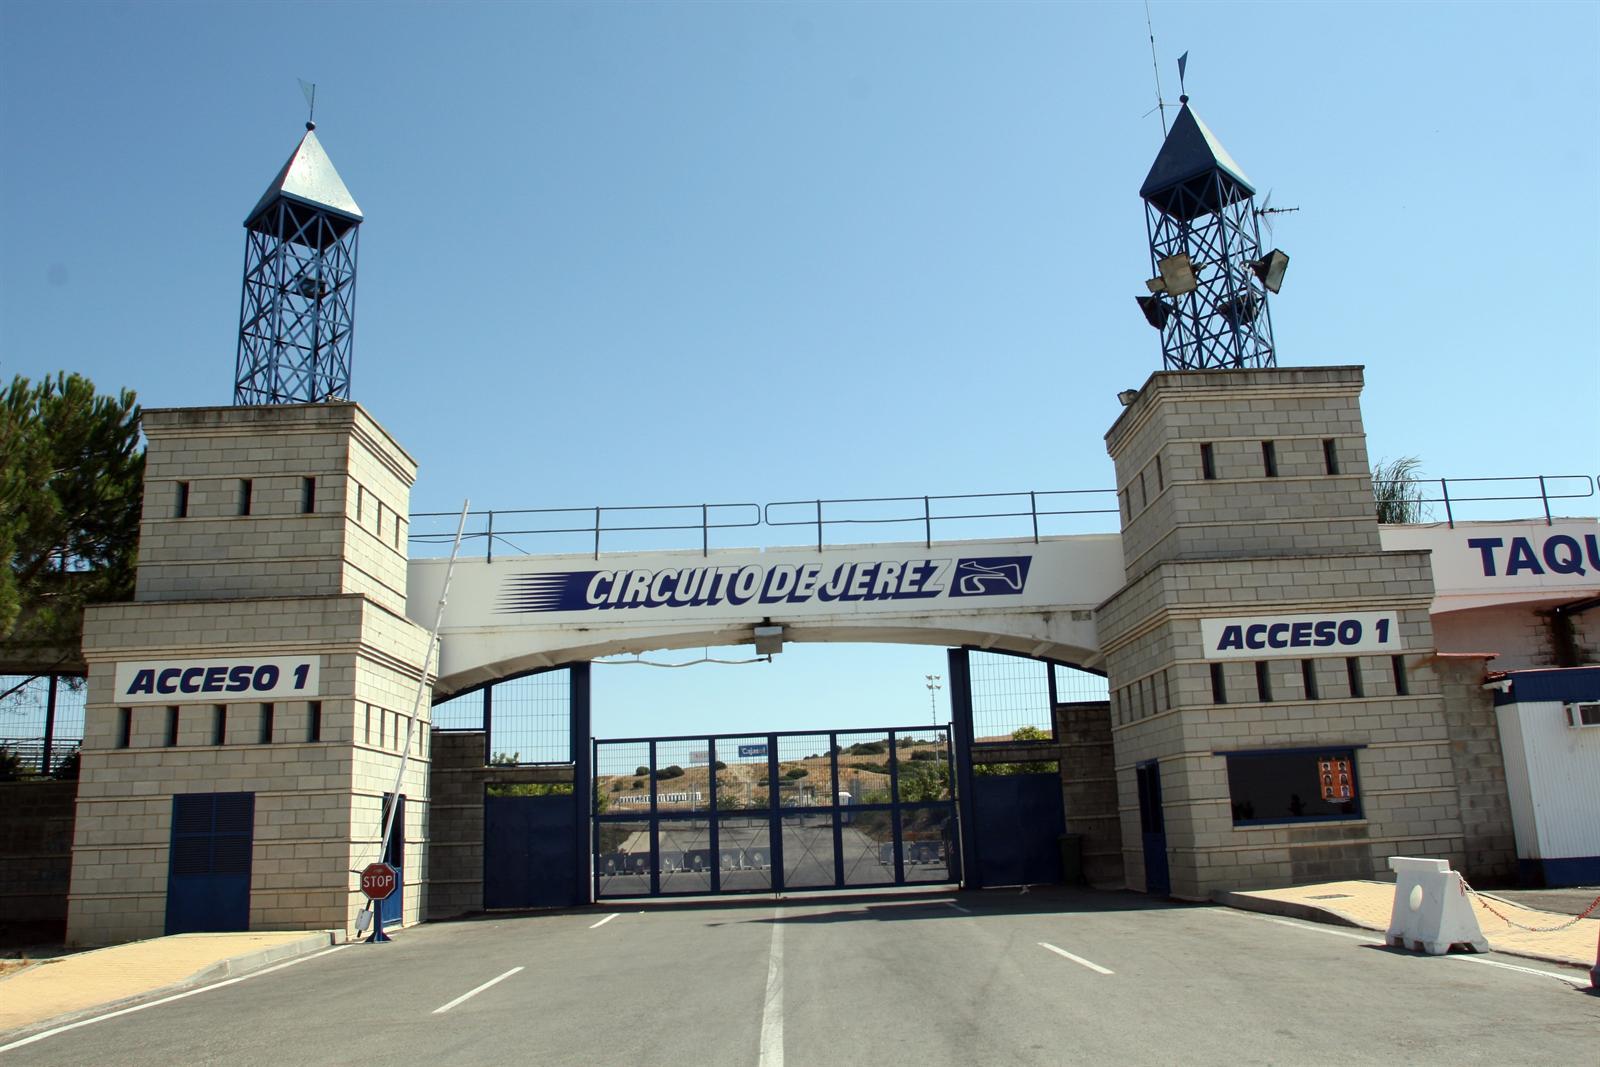 28/04/2010 Circuito de Jerez, Jerez de la Frontera CÁDIZ ANDALUCÍA ESPAÑA EUROPA DEPORTES